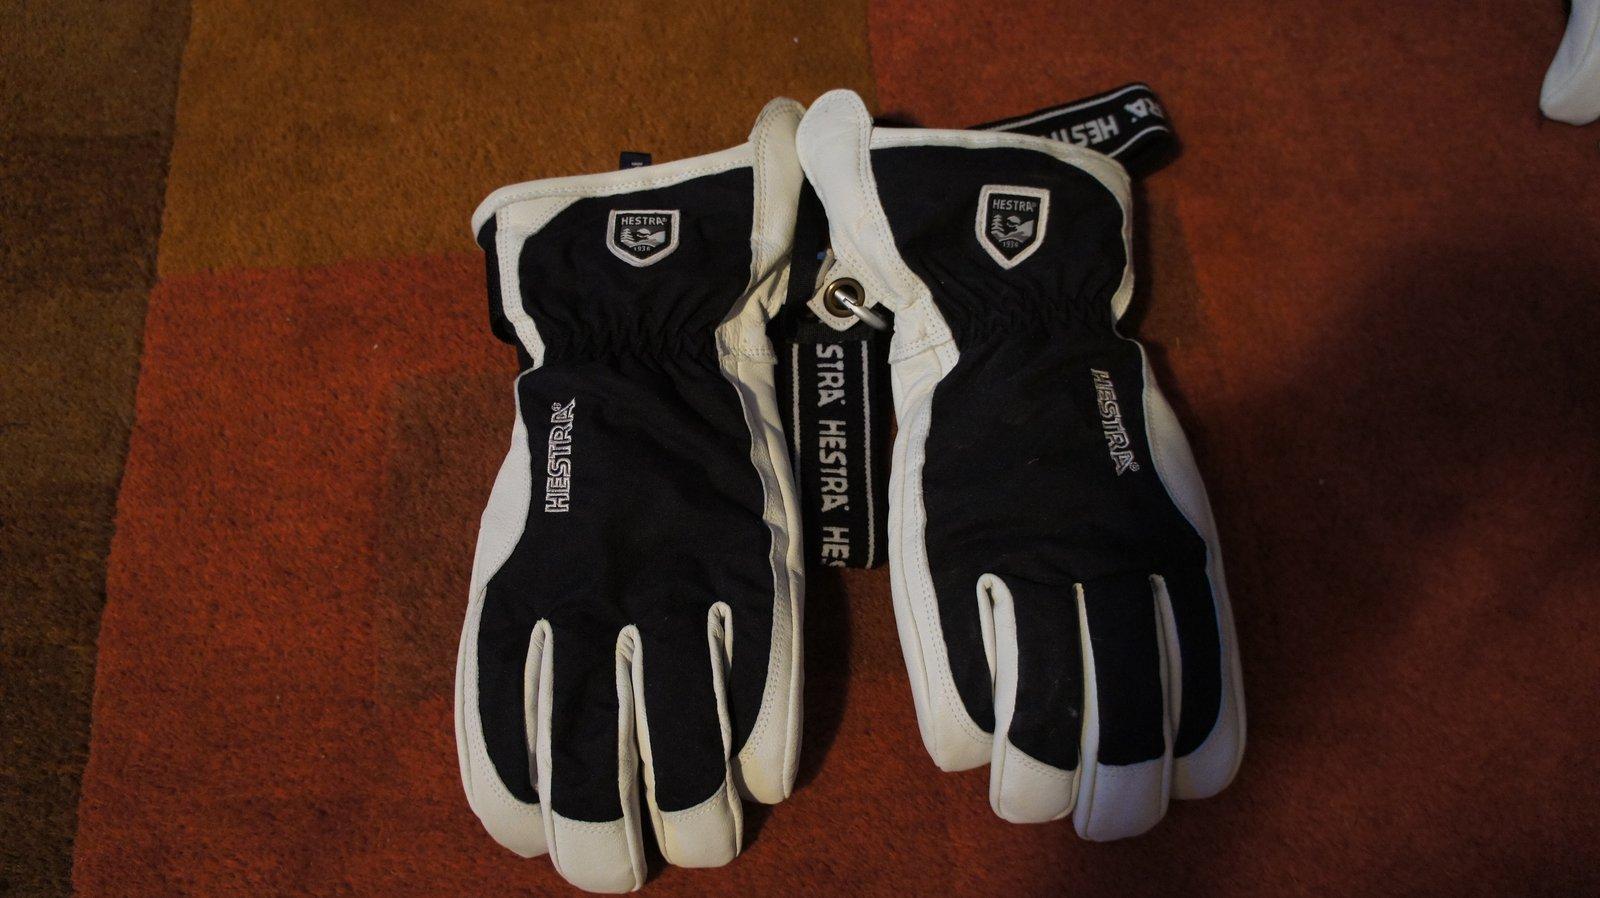 New Hestra Alpine Pro Patrol Gloves